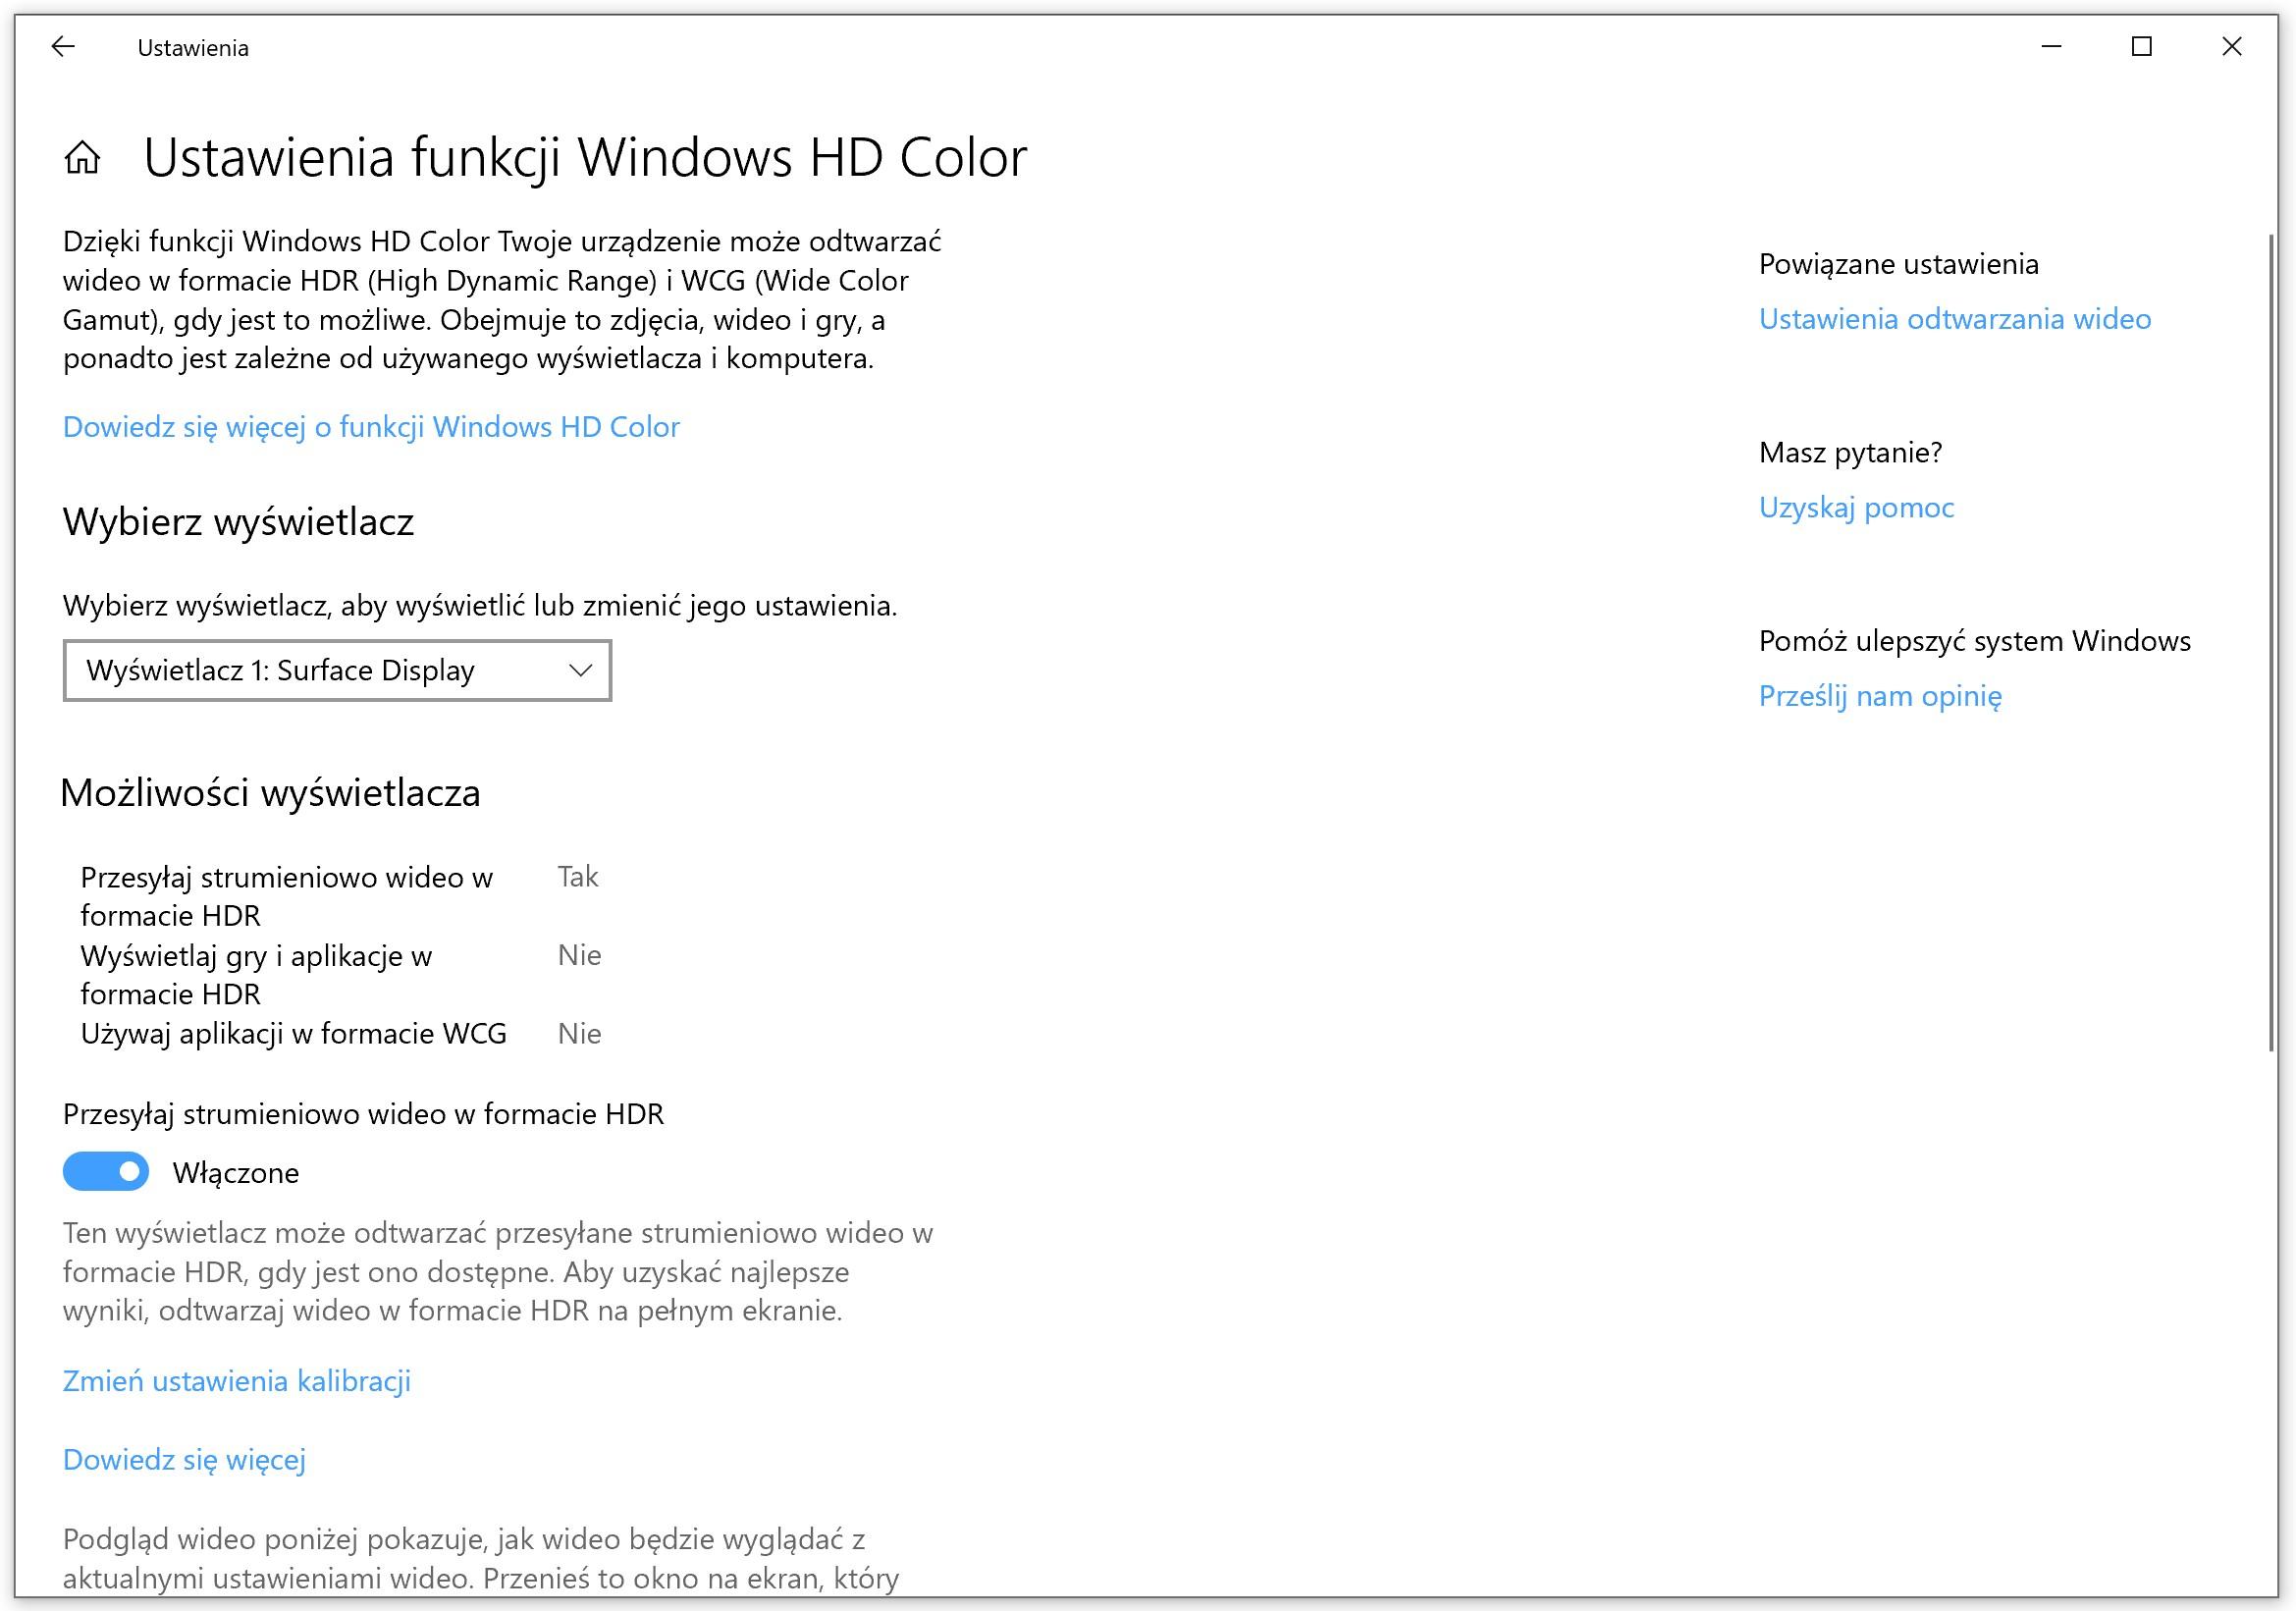 [Obrazek: pazdziernikowa-aktualizacja-windows-10-7.jpg]